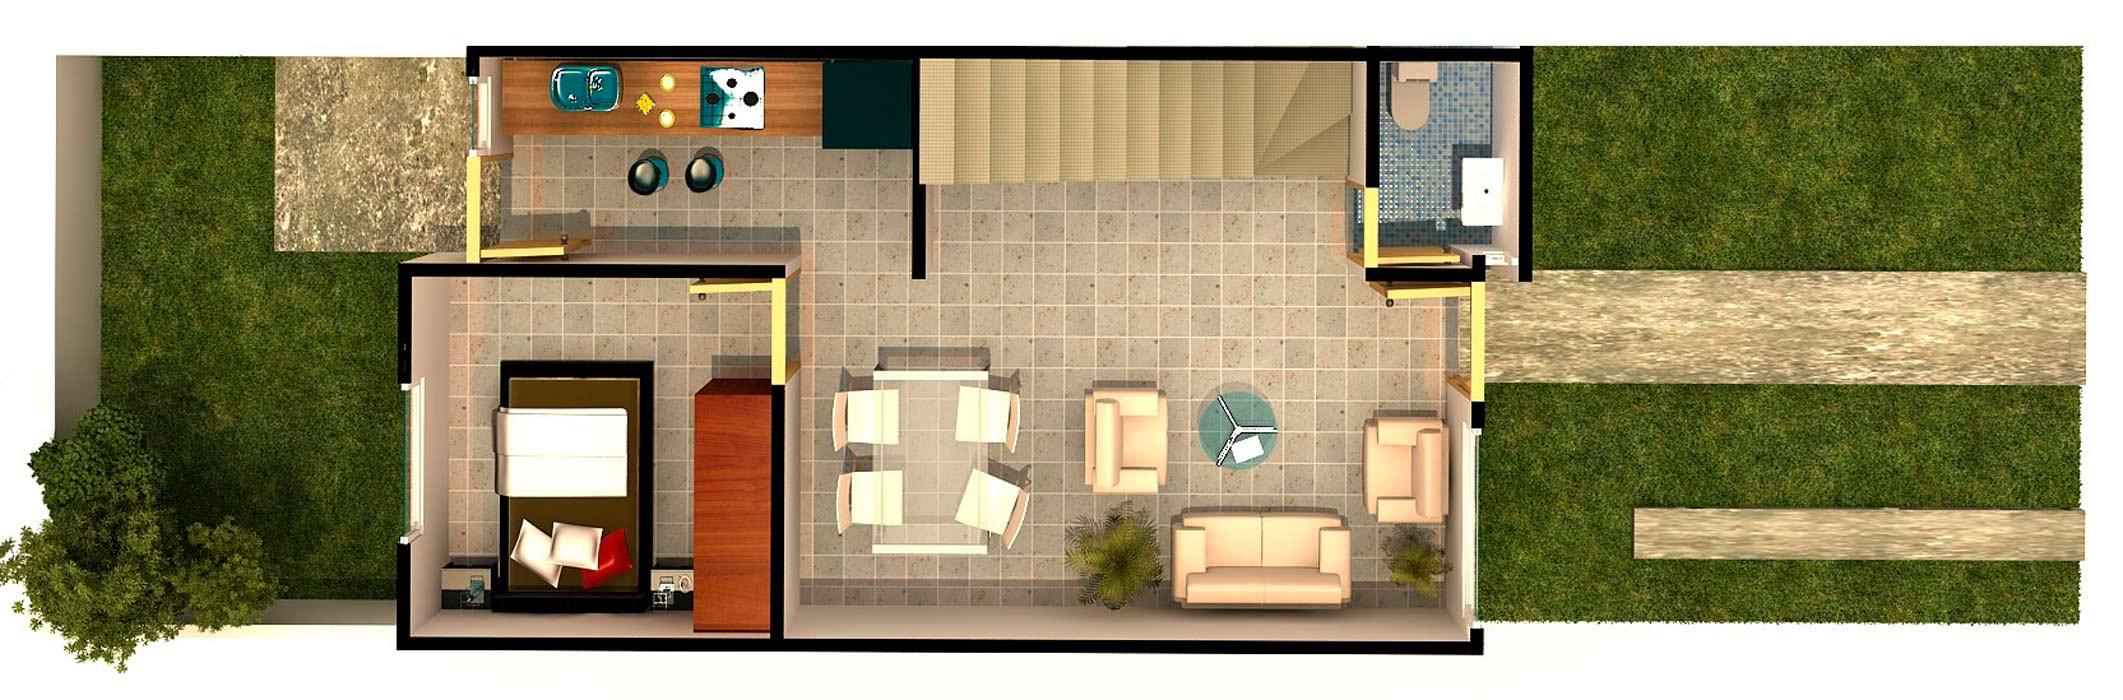 planos Casas Modelo Roble